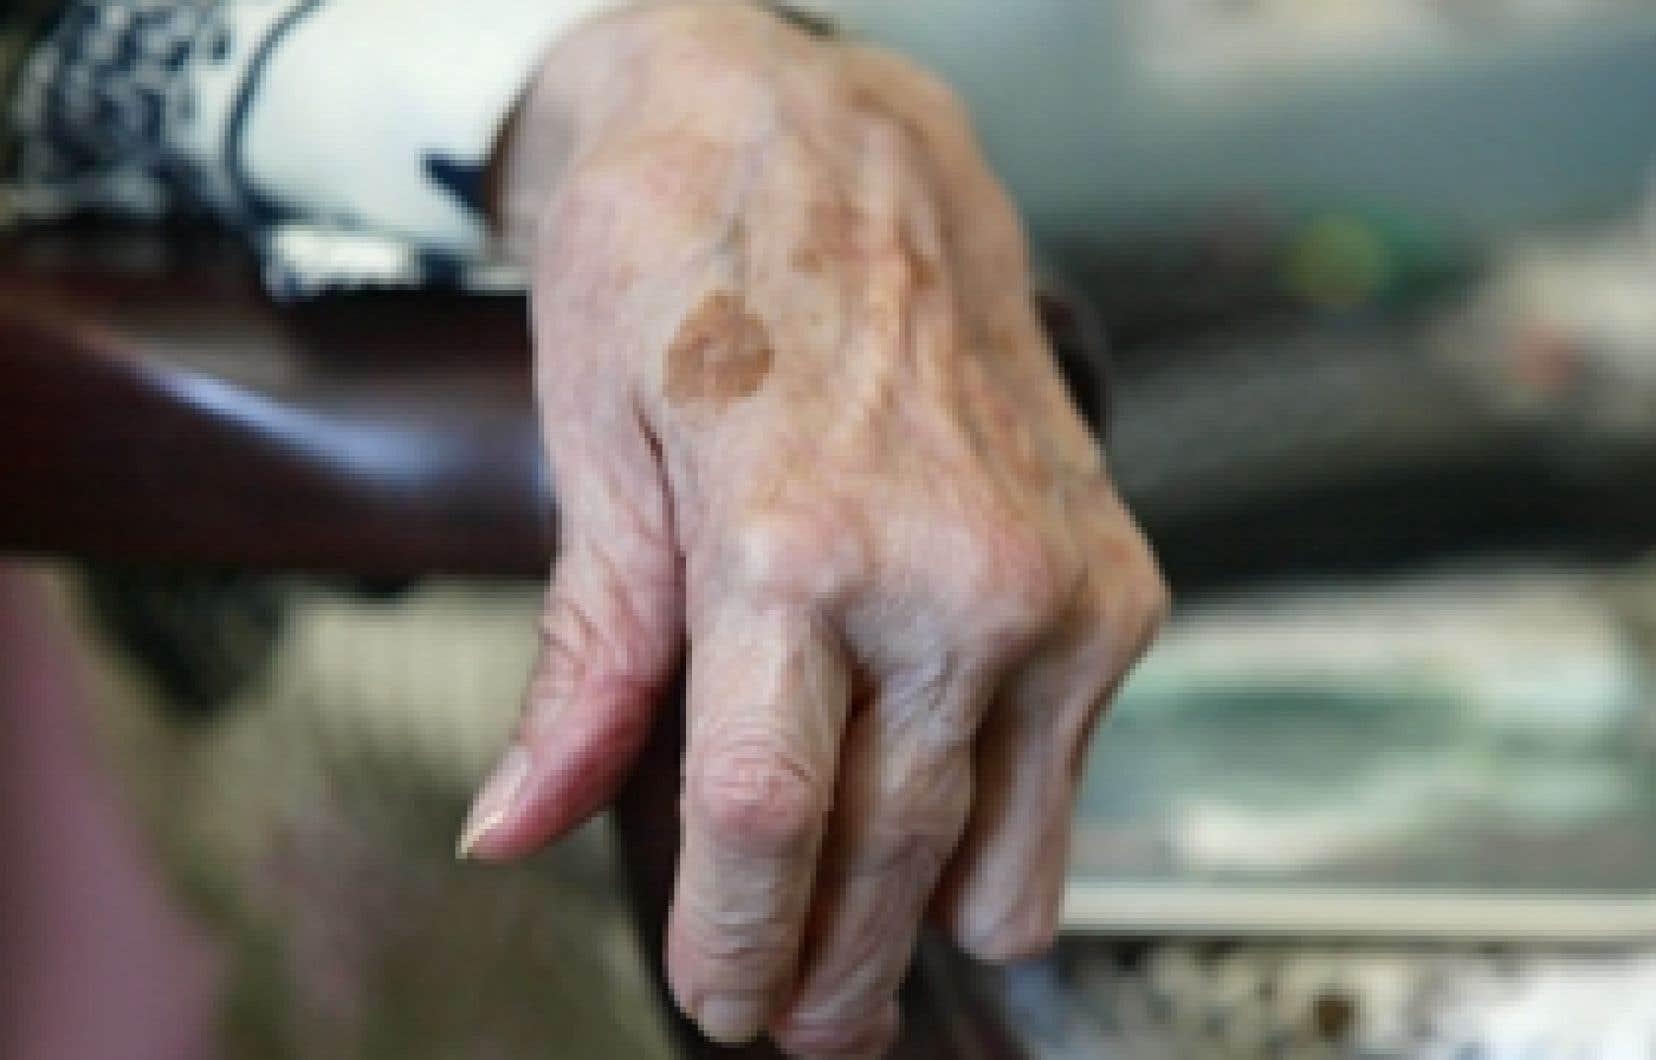 L'arthrite se déclare lorsque la personne ressent de façon inhabituelle et nouvelle des gonflements articulaires soutenus et des douleurs persistantes, le plus souvent aux extrémités, aux poignets, aux doigts et aux pieds.